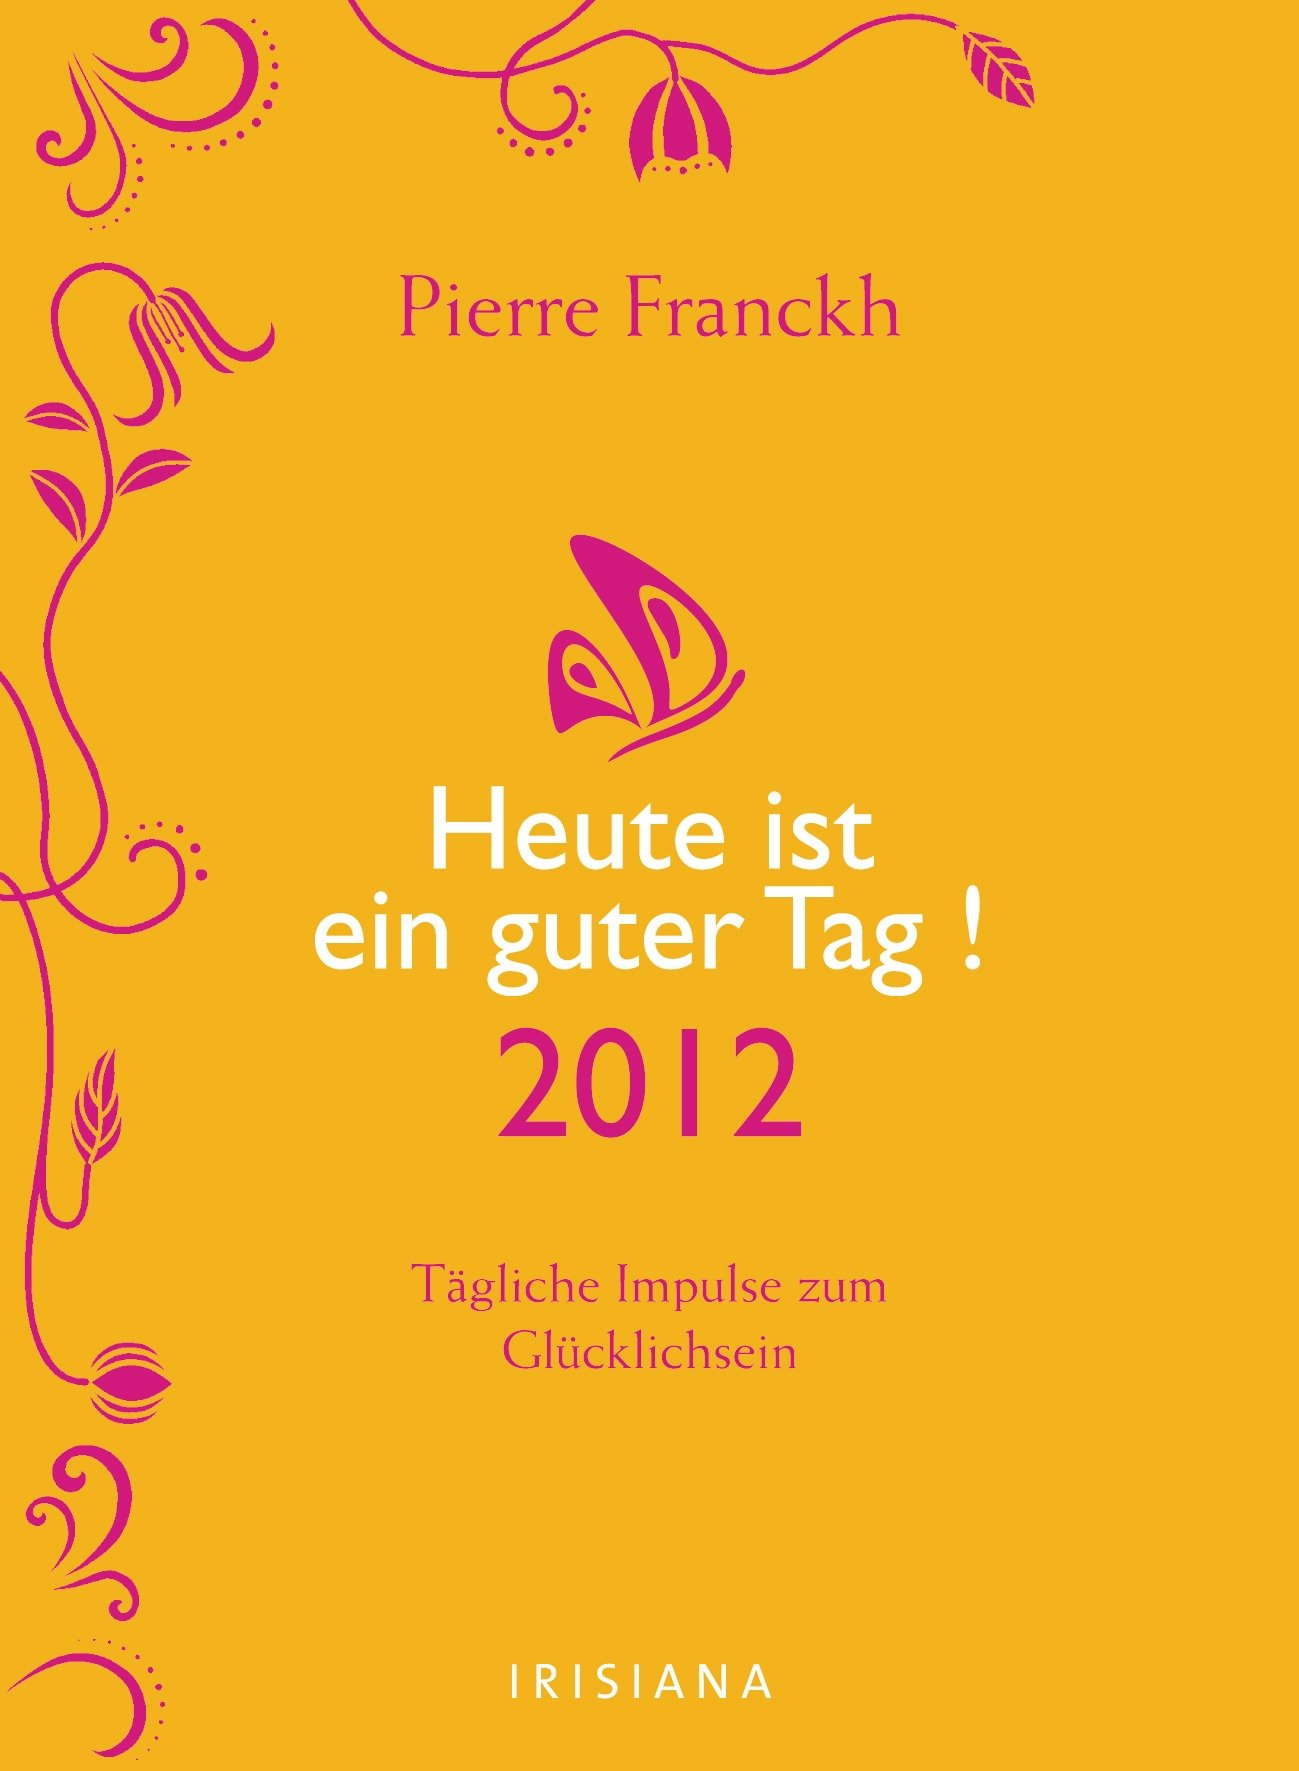 heute-ist-ein-guter-tag-2012-tgliche-impulse-zum-glcklichsein